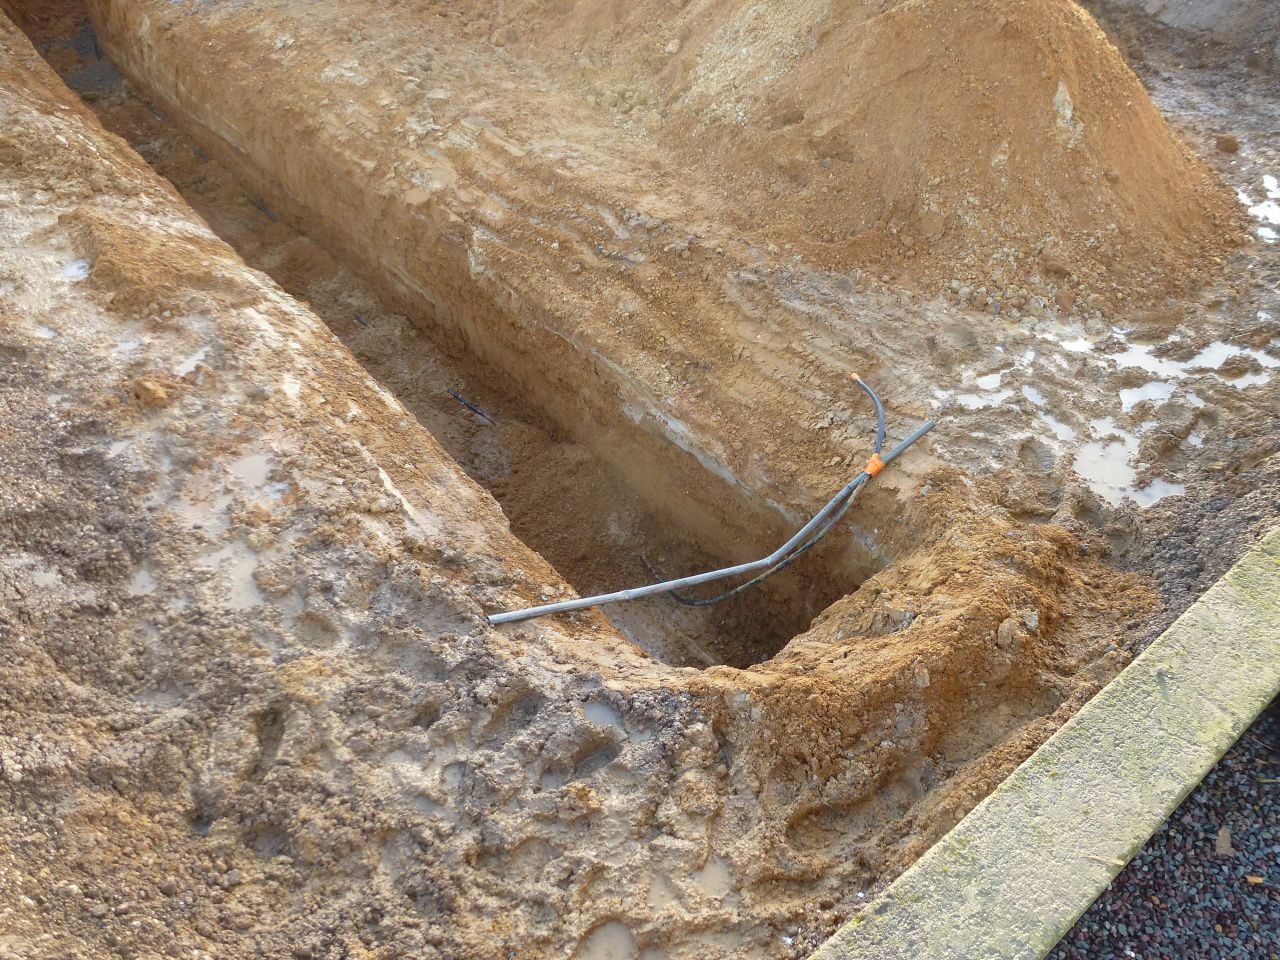 Préparation pour mise en place du puits canadien à eau glycolée, ainsi que les fondations